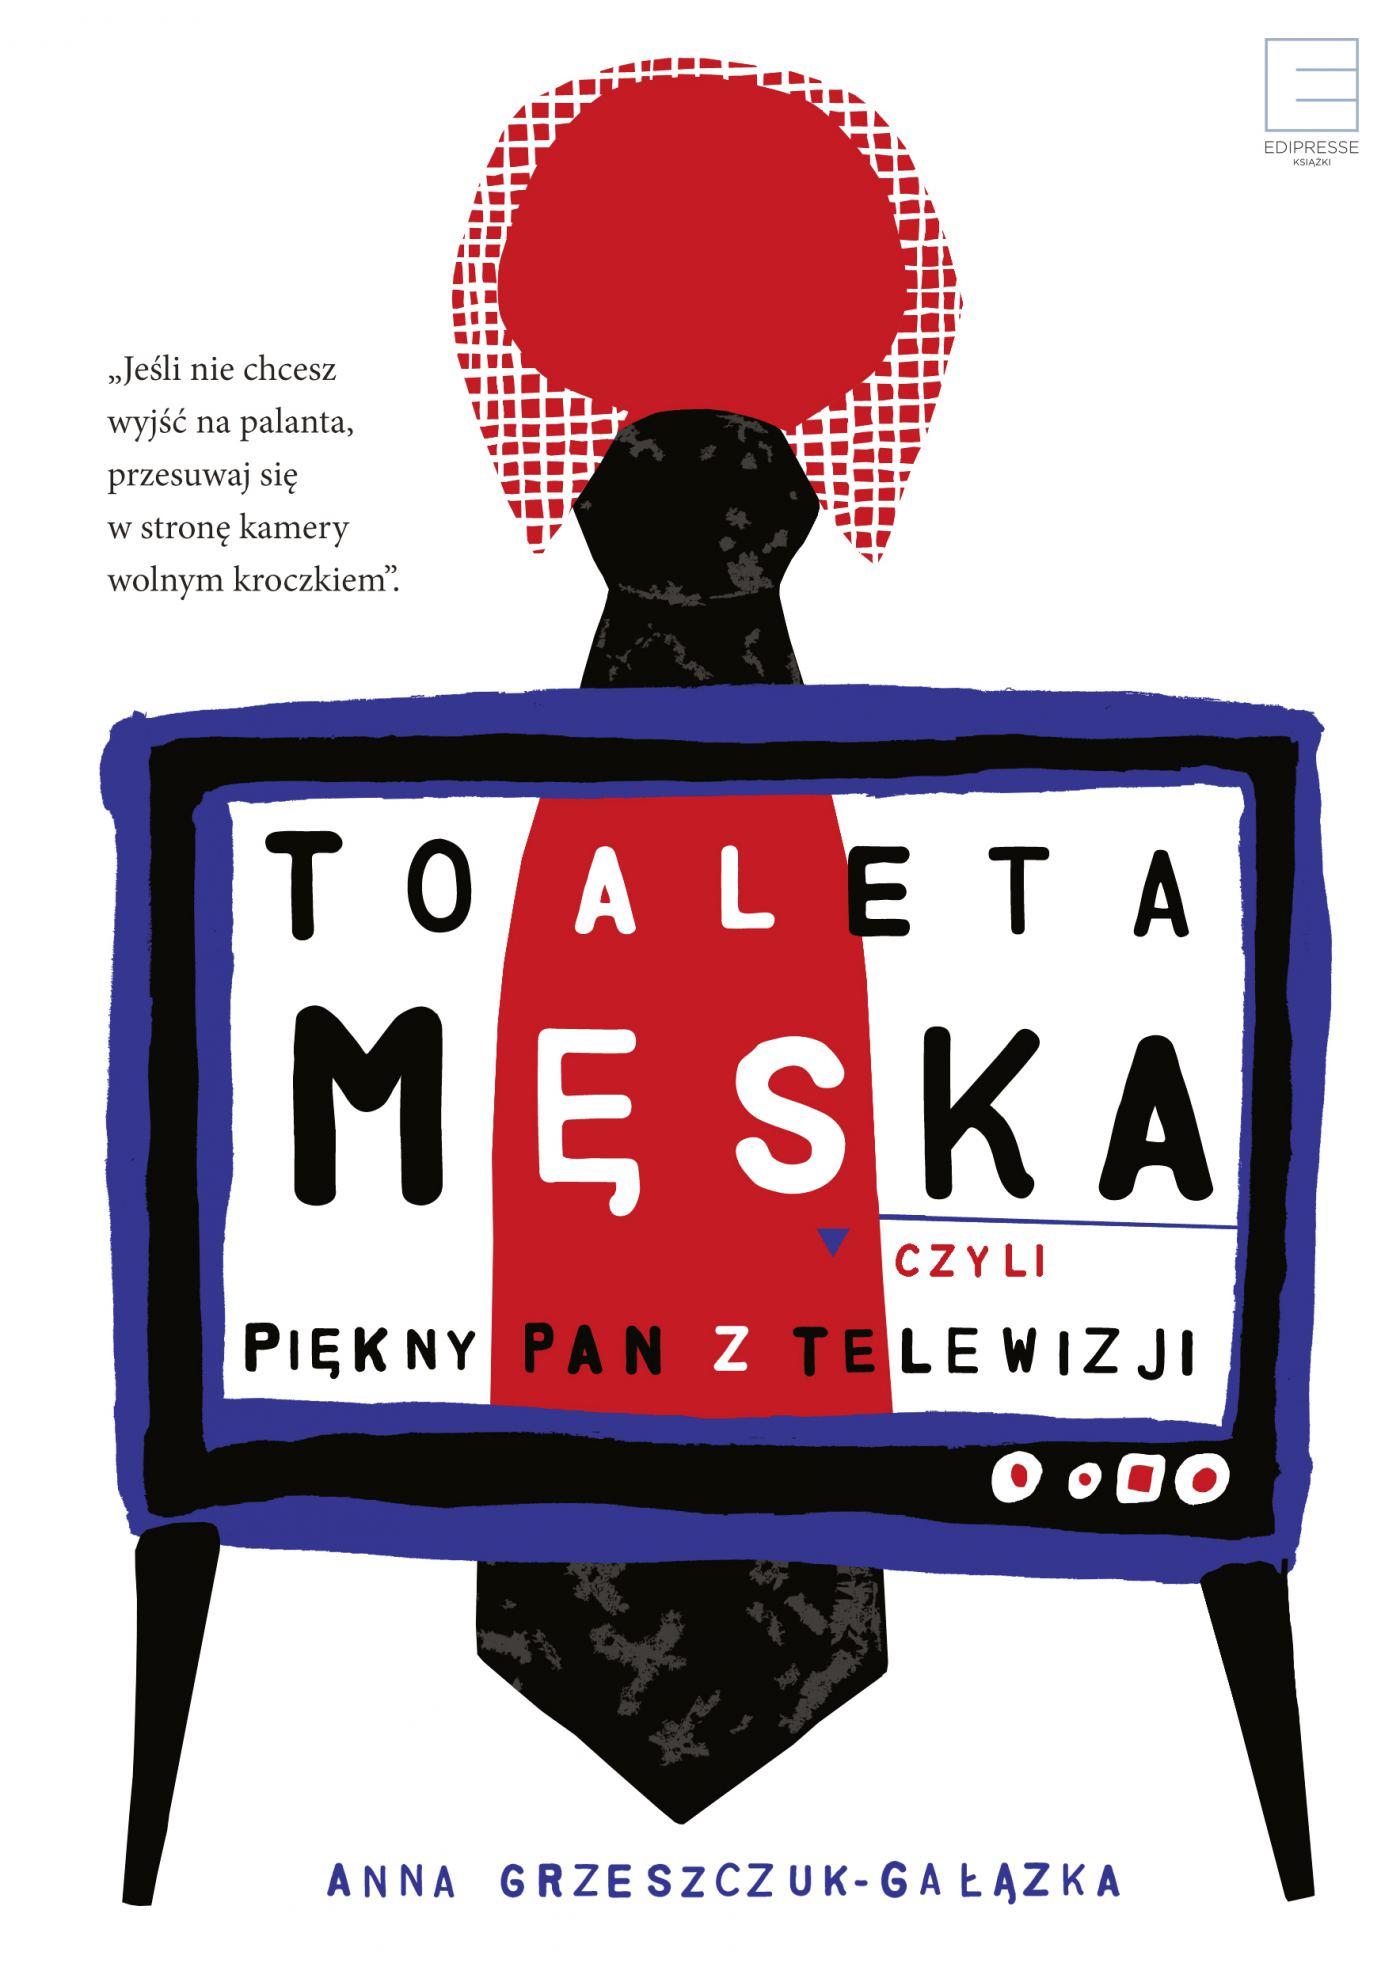 Toaleta męska, czyli piękny pan z telewizji - Ebook (Książka EPUB) do pobrania w formacie EPUB